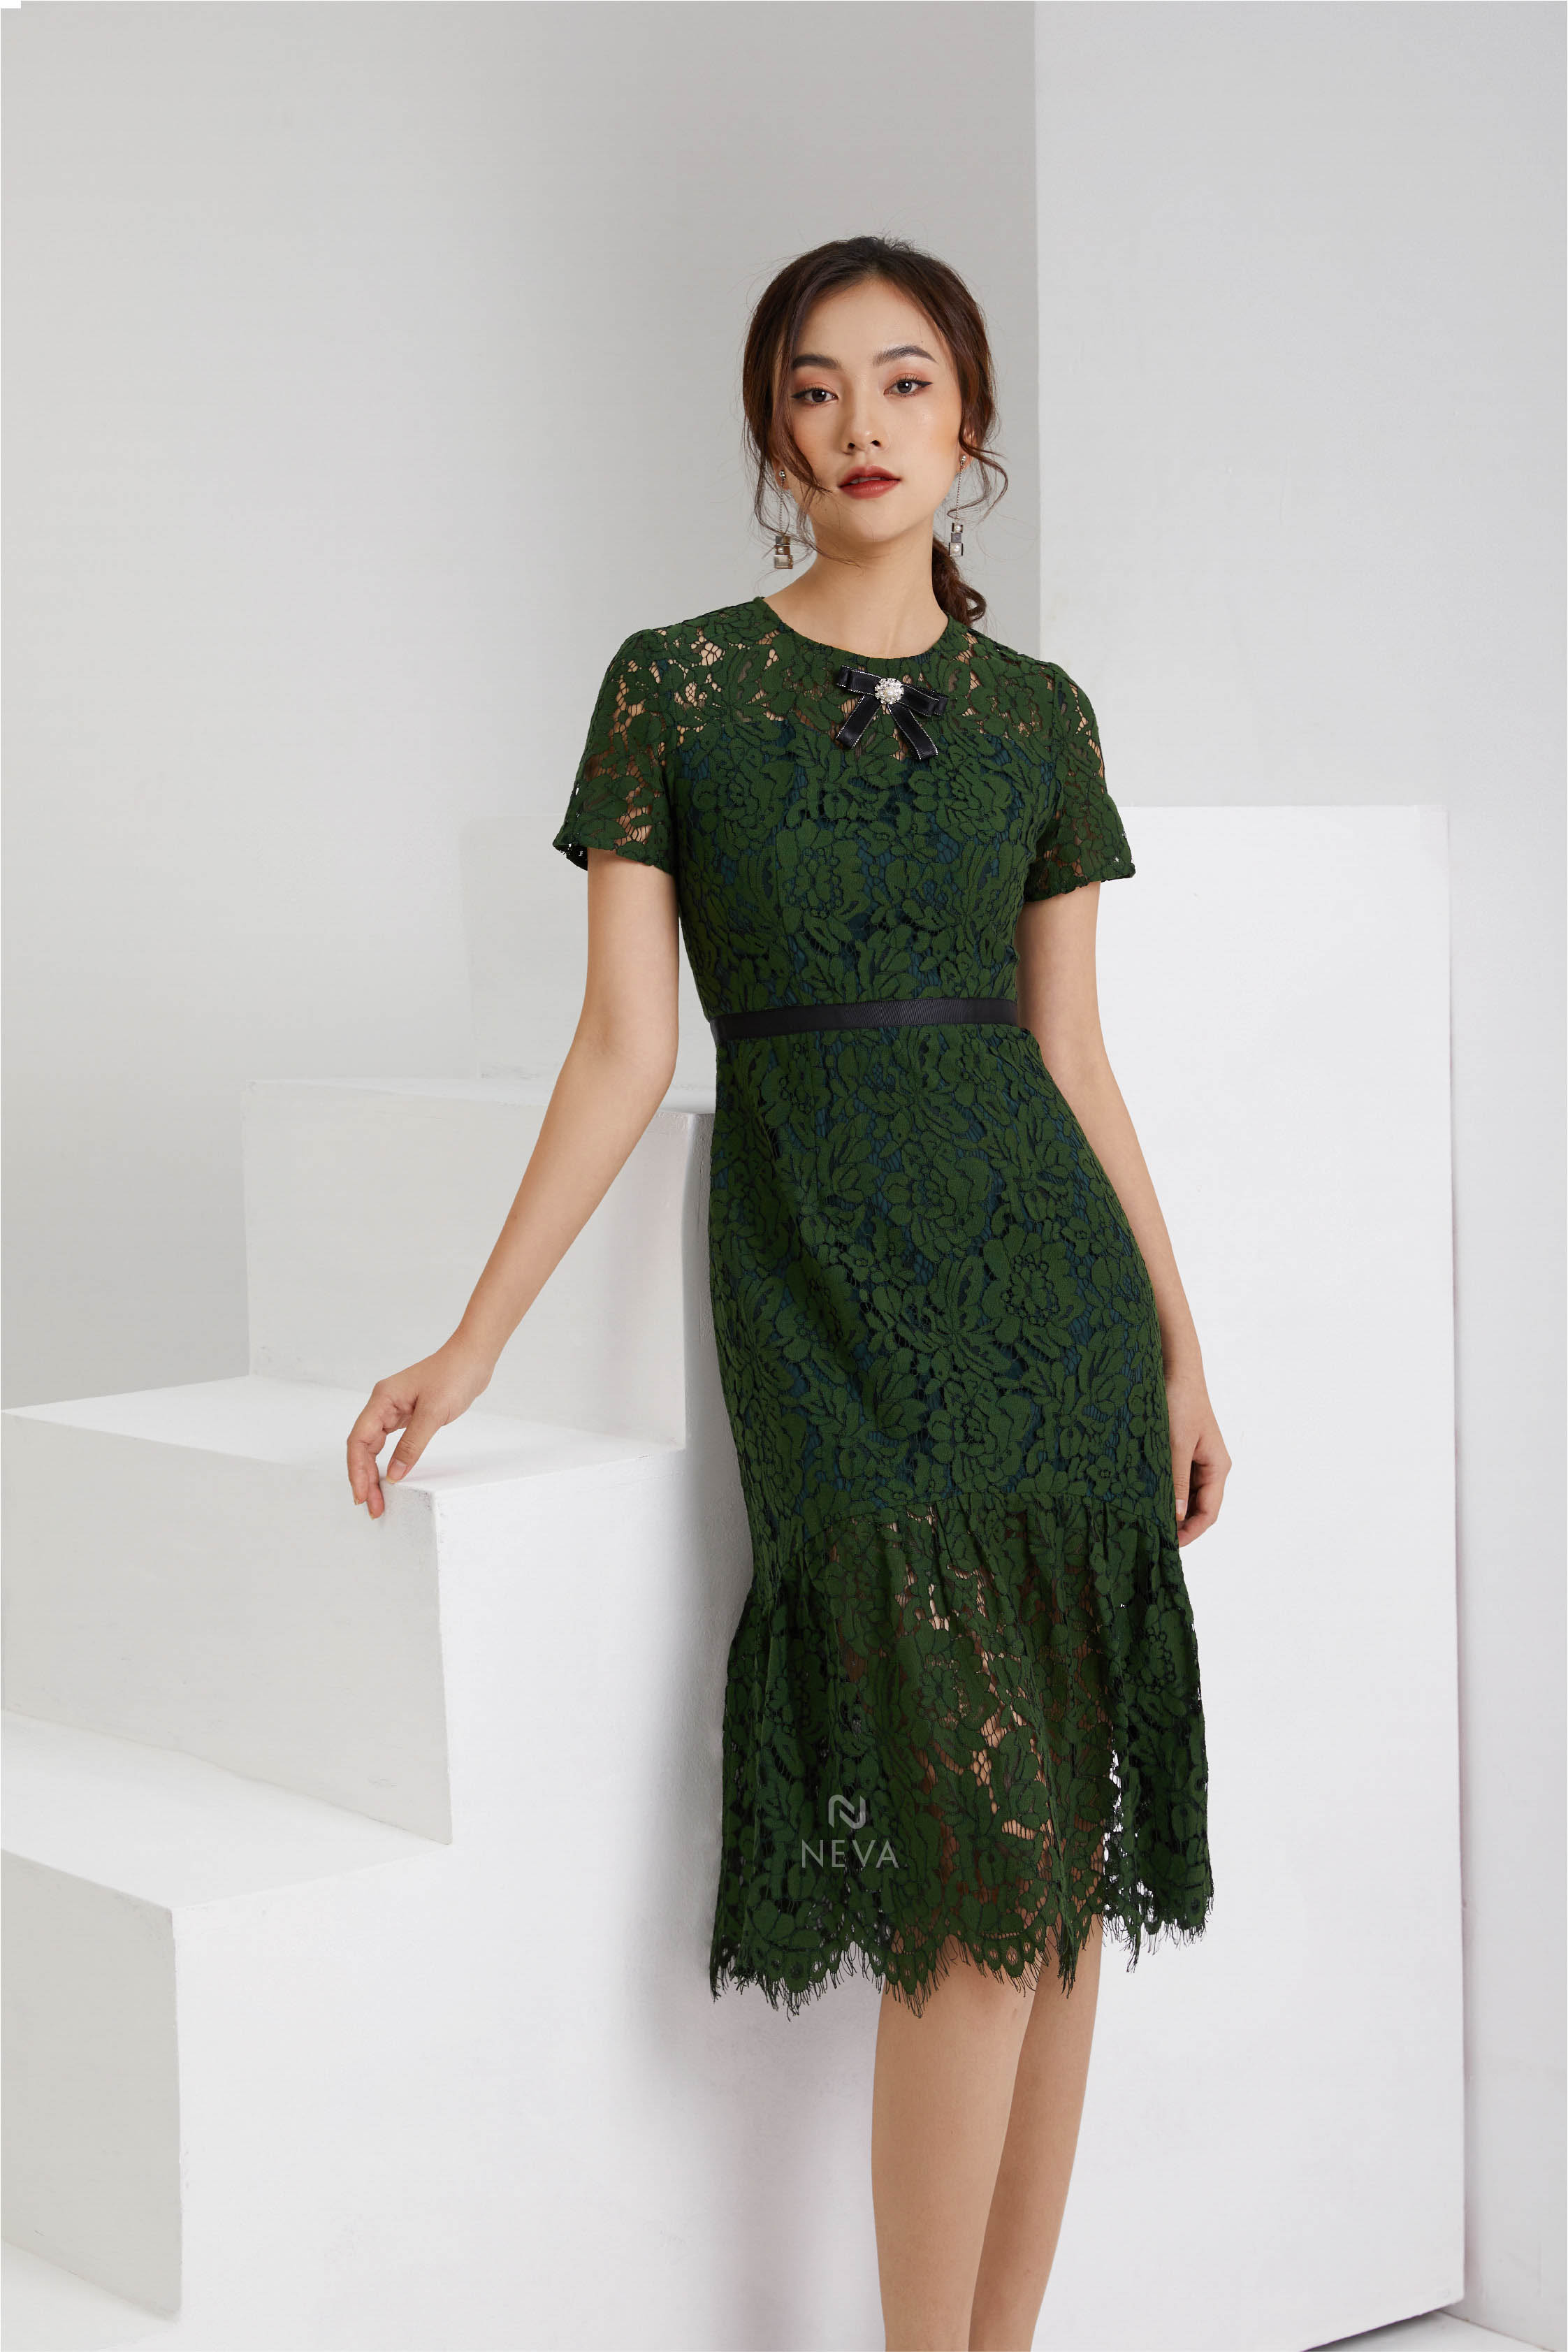 Đi tìm kiểu váy rời trung niên nịnh dáng nhất cho U40 - U50 - U60 - 3